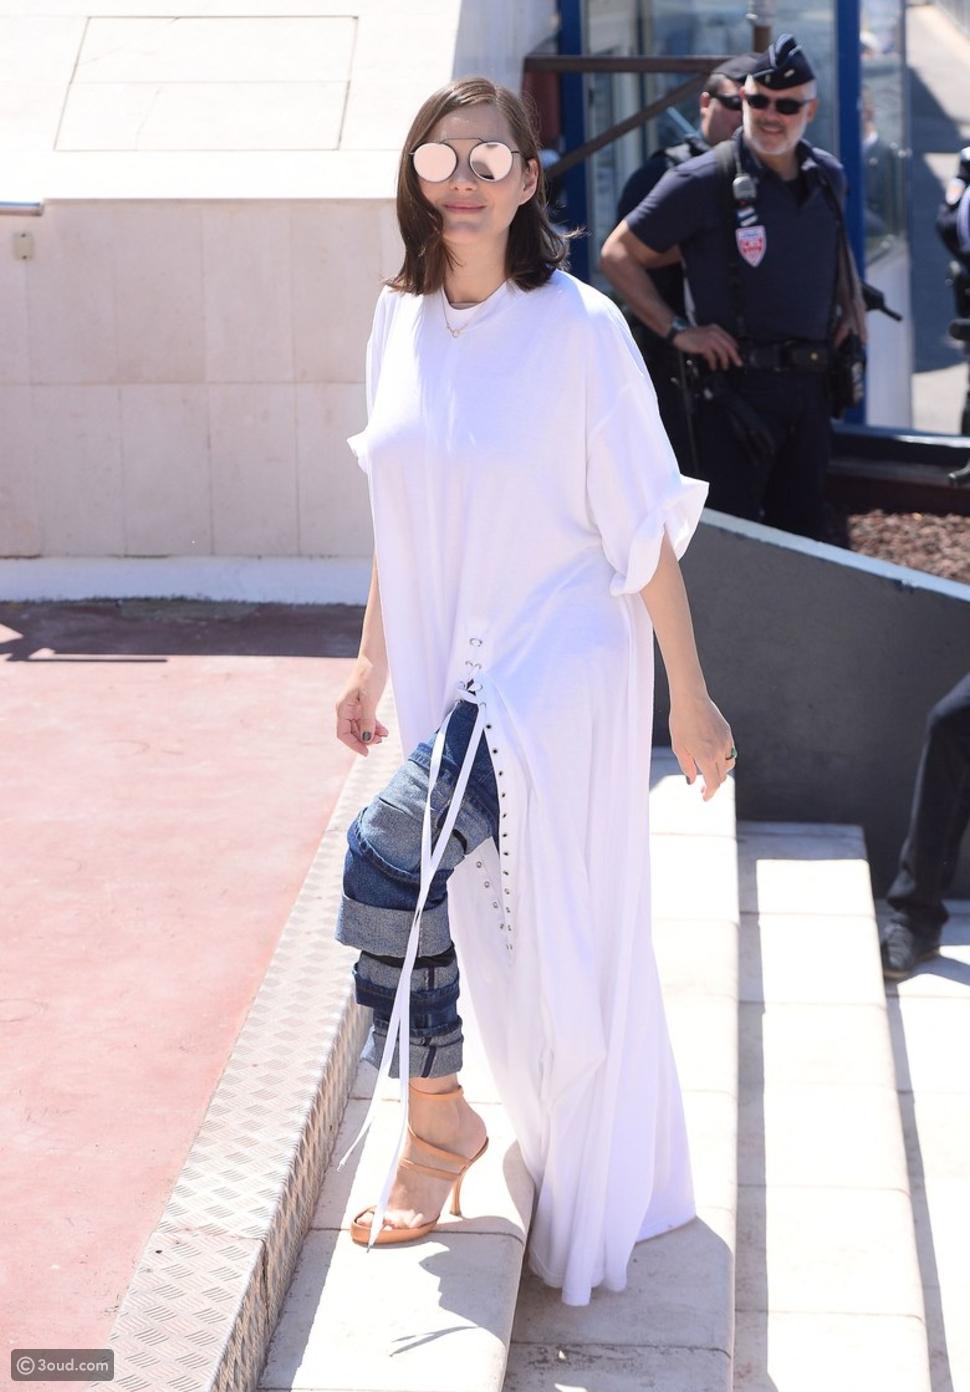 ارتدي القميص الأبيض والجينز على طريقة ماريون كوتيار